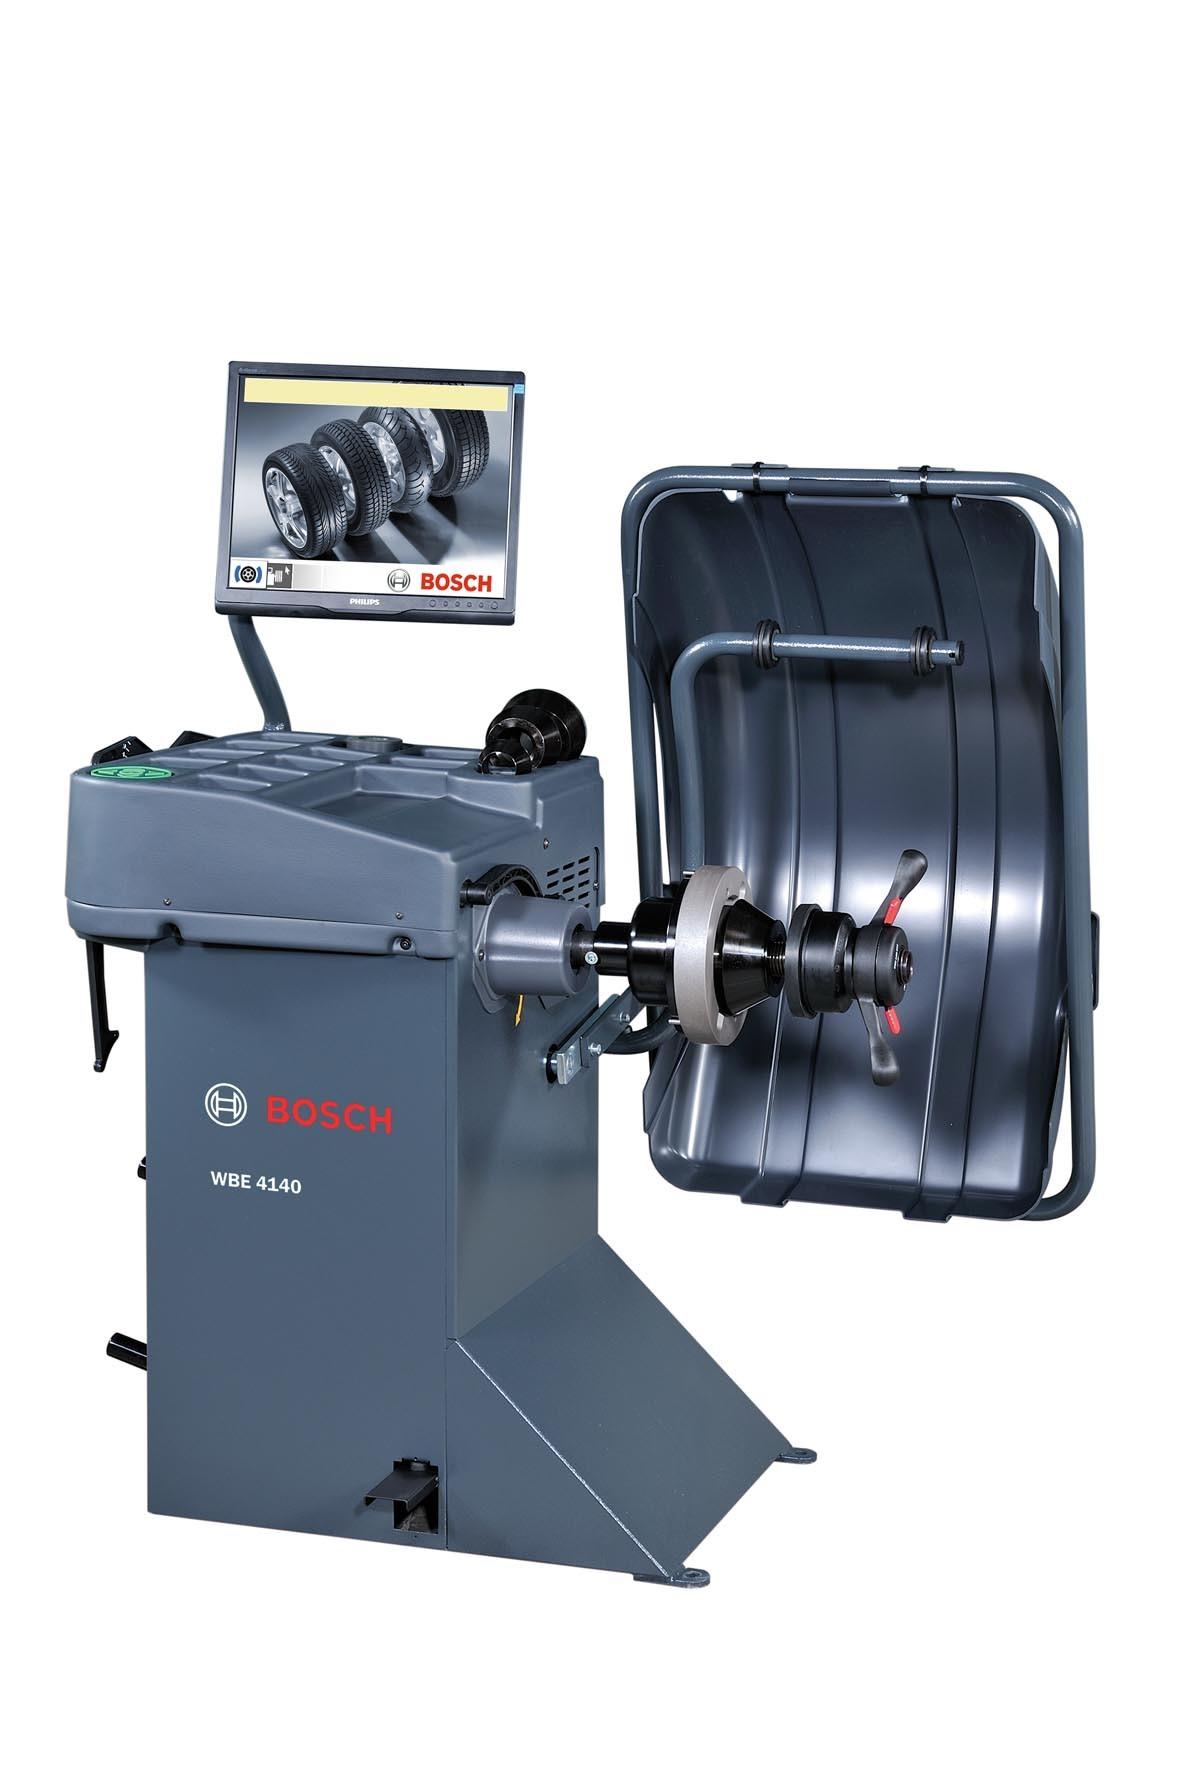 Bosch WBE 4140 S50